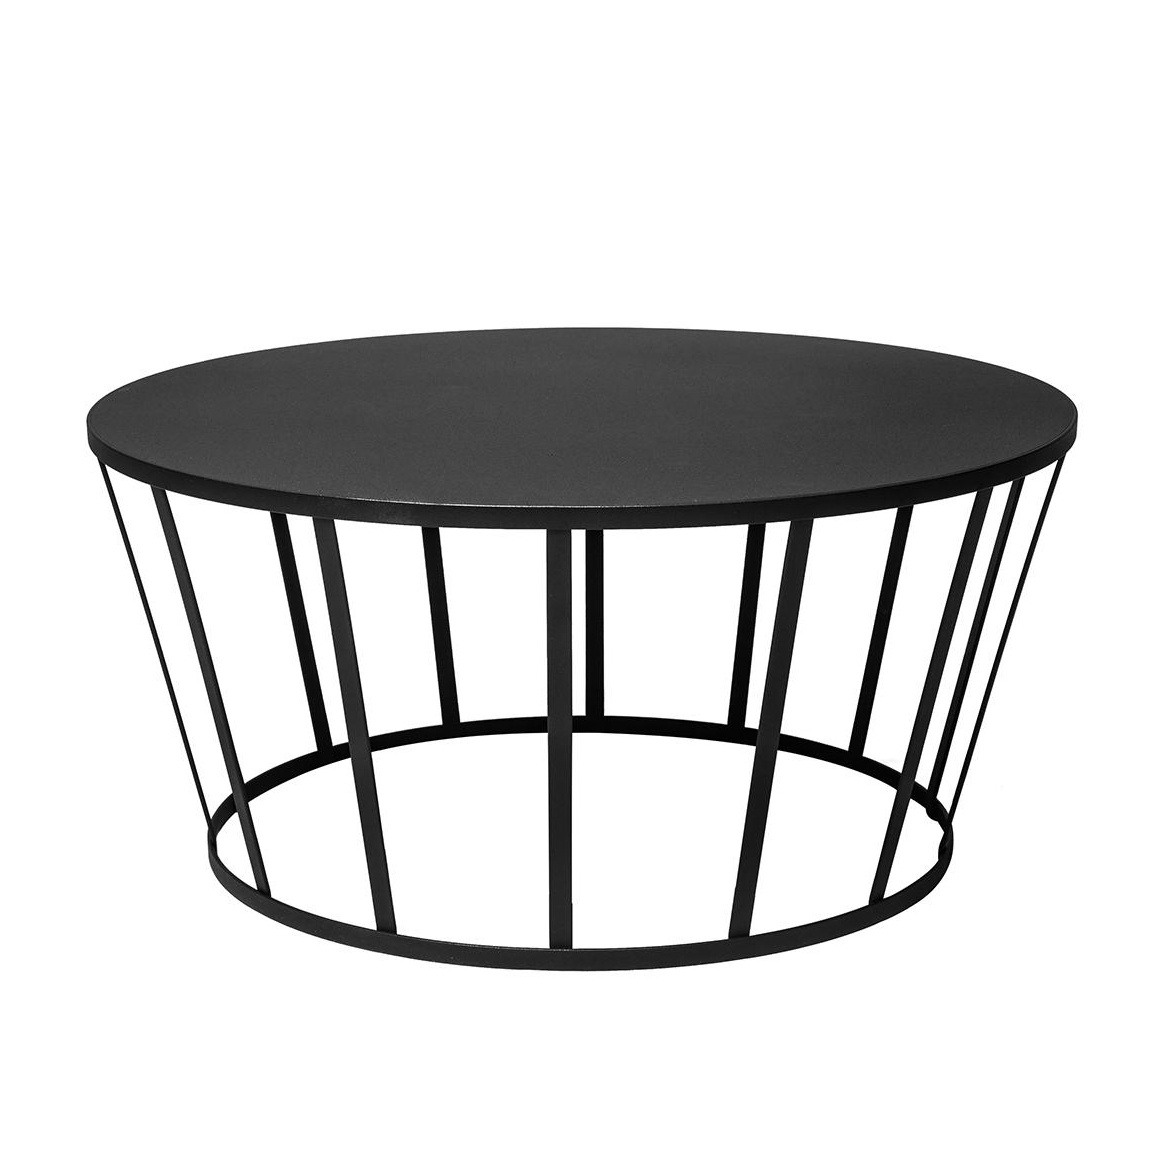 Petite Friture - Hollo Couchtisch Ø70cm - schwarz/H 33cm | Wohnzimmer > Tische > Couchtische | Schwarz | Stahl | Petite Friture